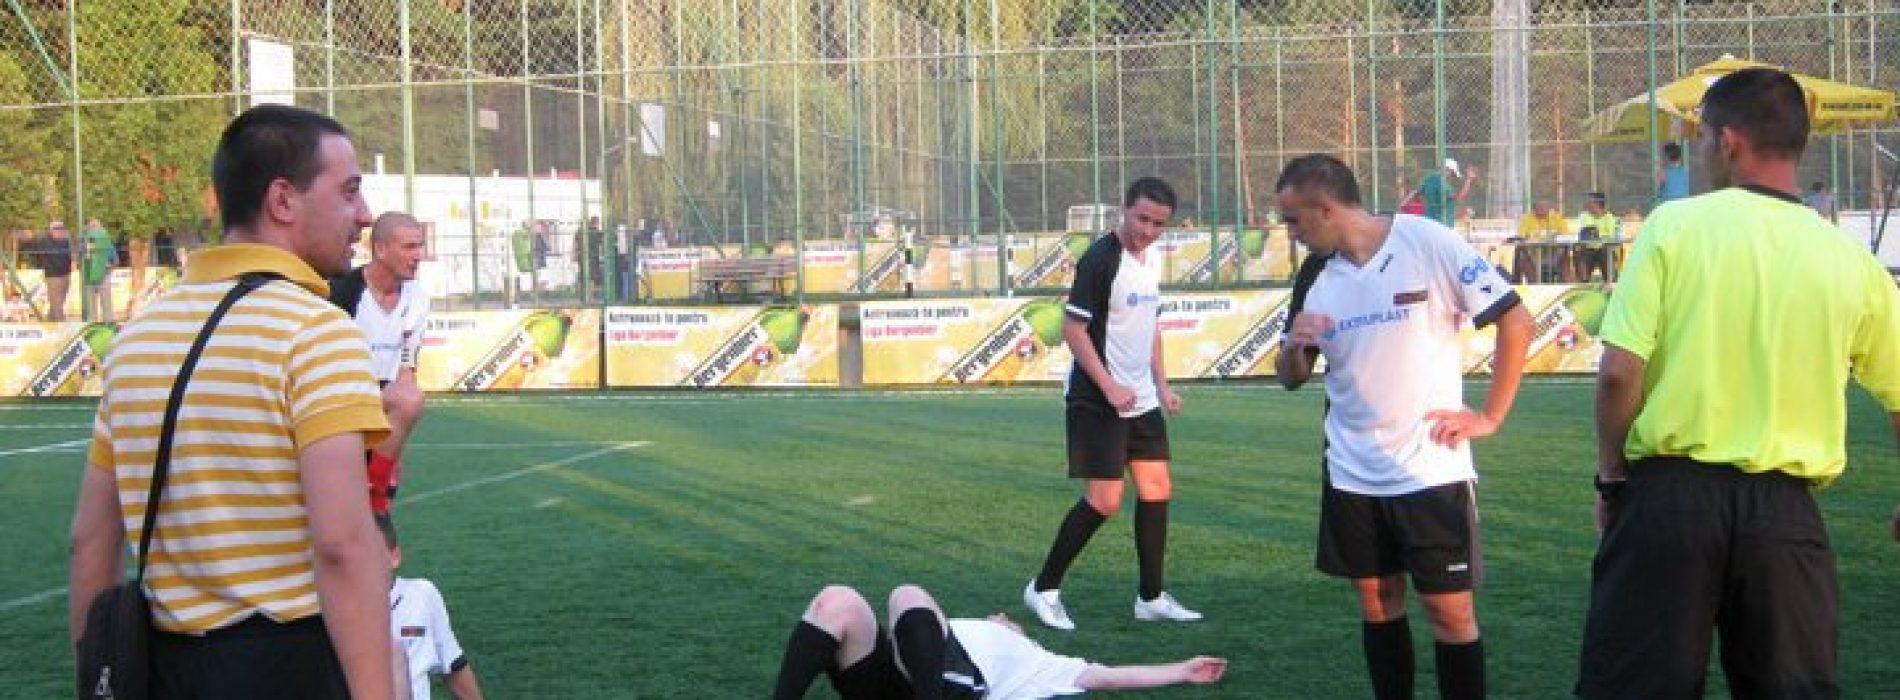 FALSUL vicepreședinte de la FC Baia Mare! Lui Cosmin Filip i se cer BANII ÎNAPOI